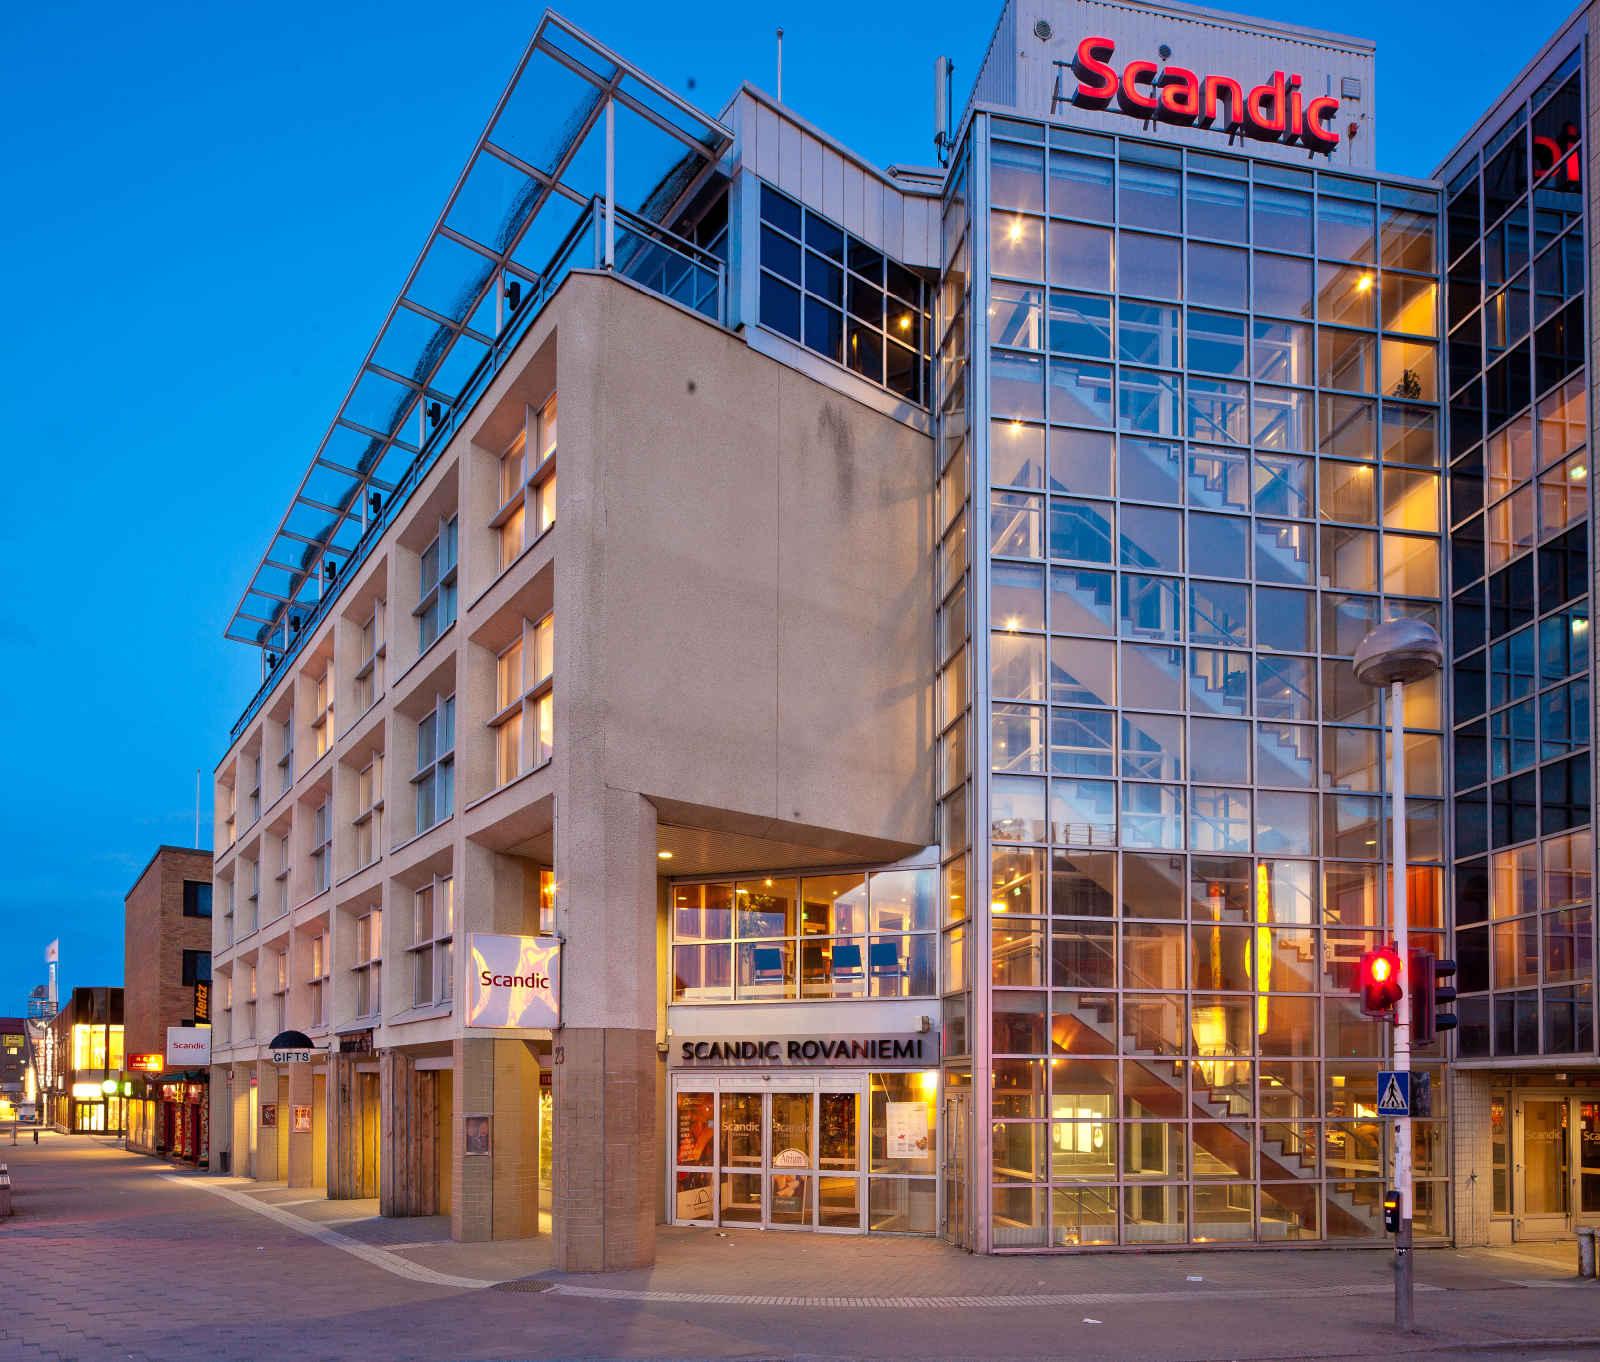 Finlande - Laponie - Rovaniemi - Scandic Hôtel Rovaniemi